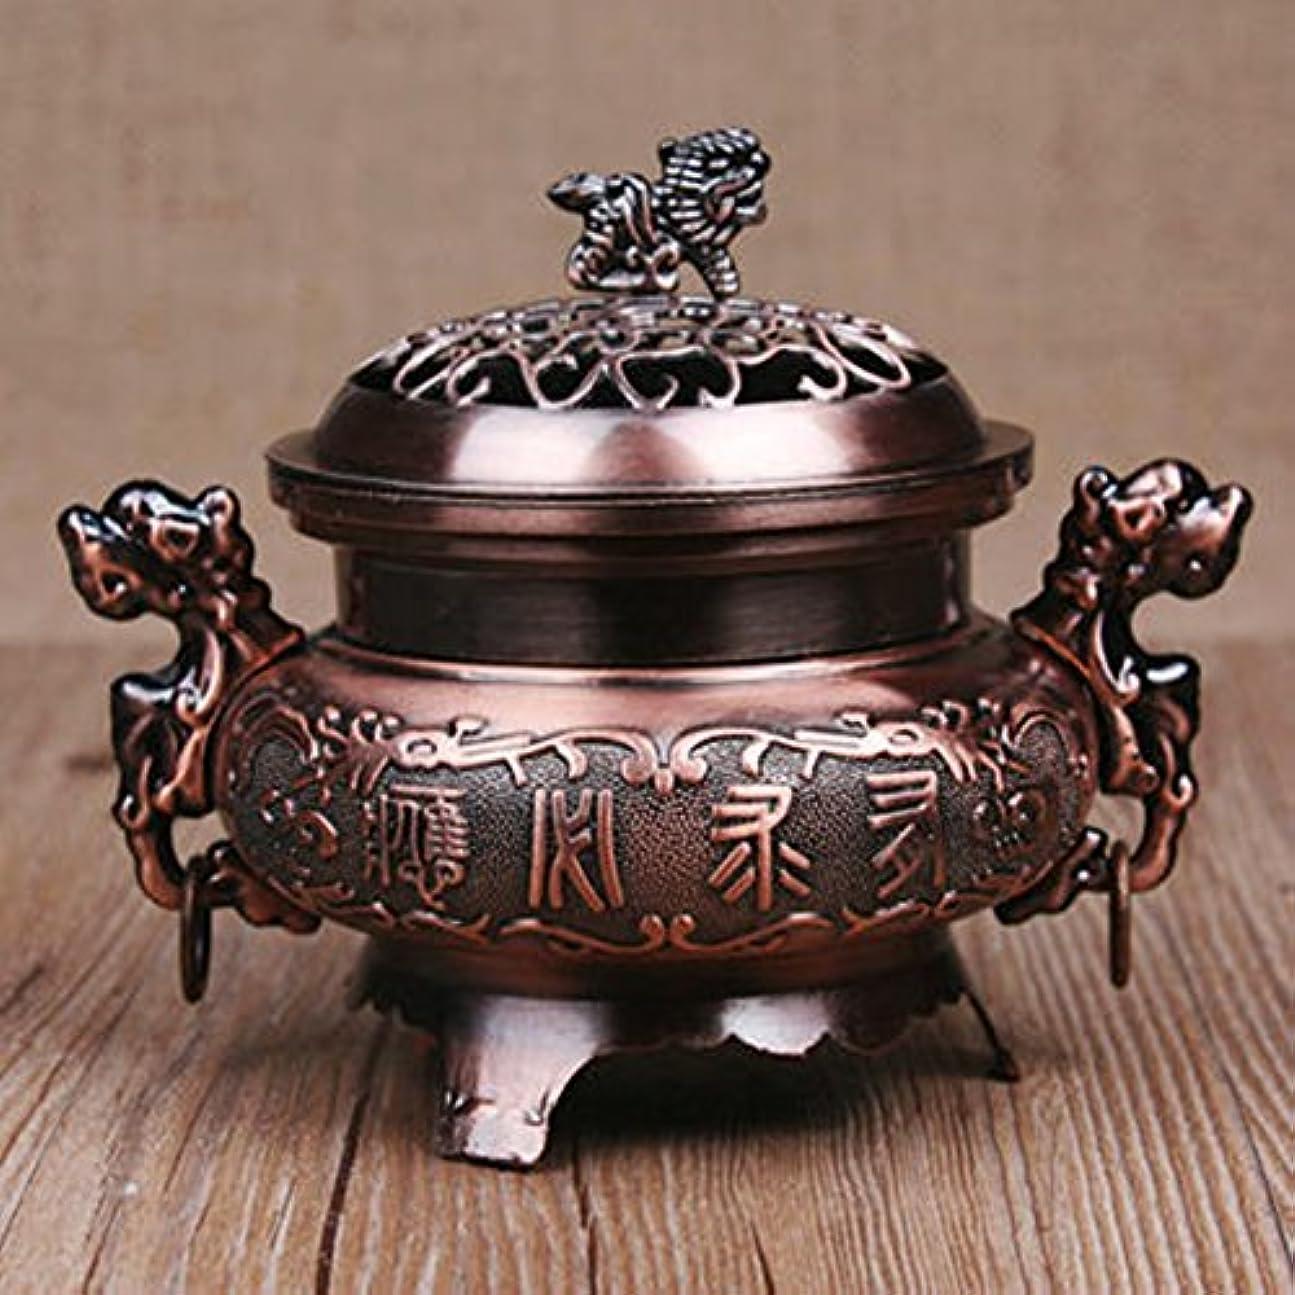 中ましいサミュエルZehuiレトロスタイル合金香炉ダブルドラゴンHollowカバーCenser円錐ホルダーホーム装飾 MX-EYZJ1849-JJ26099C0B20